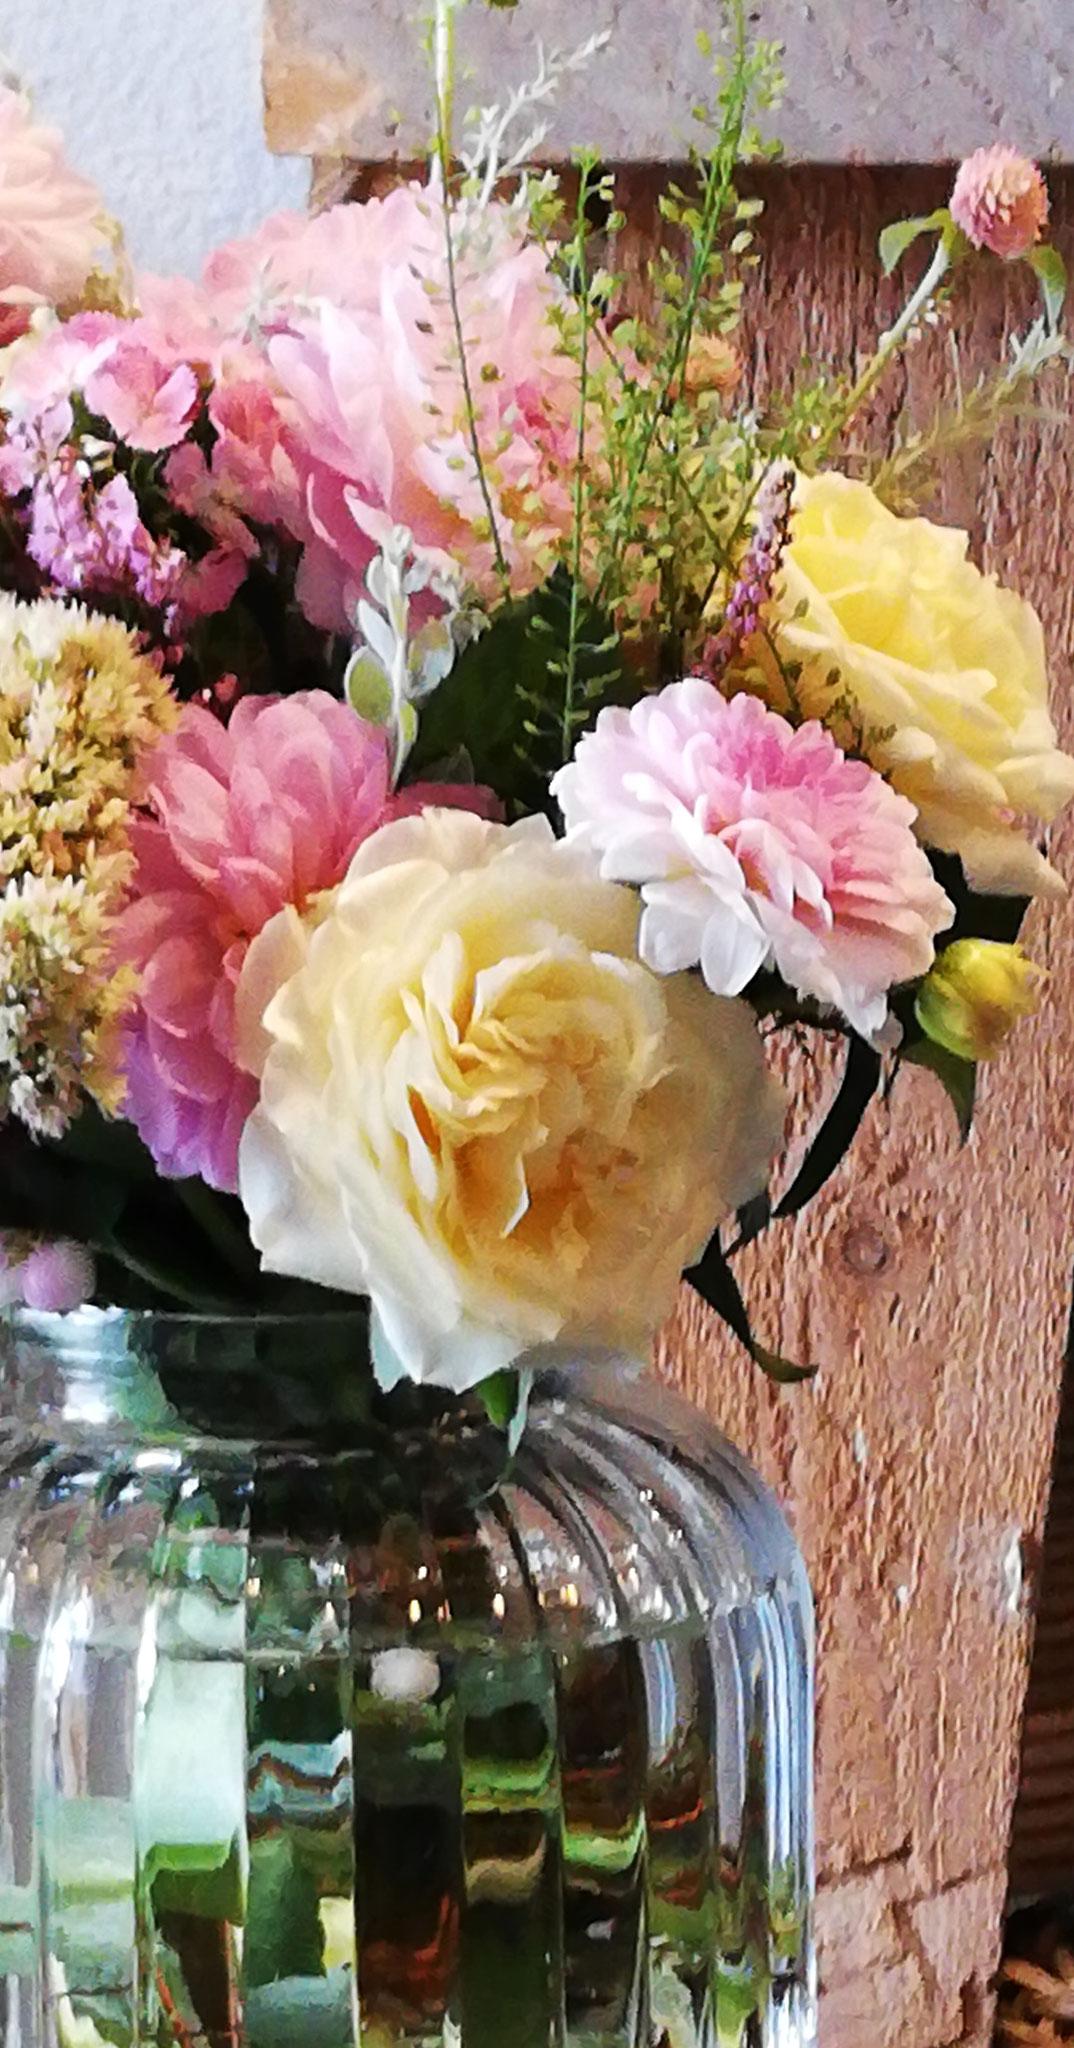 Les roses anglaises dans leur vase (bouquet 40€, vase 9€)